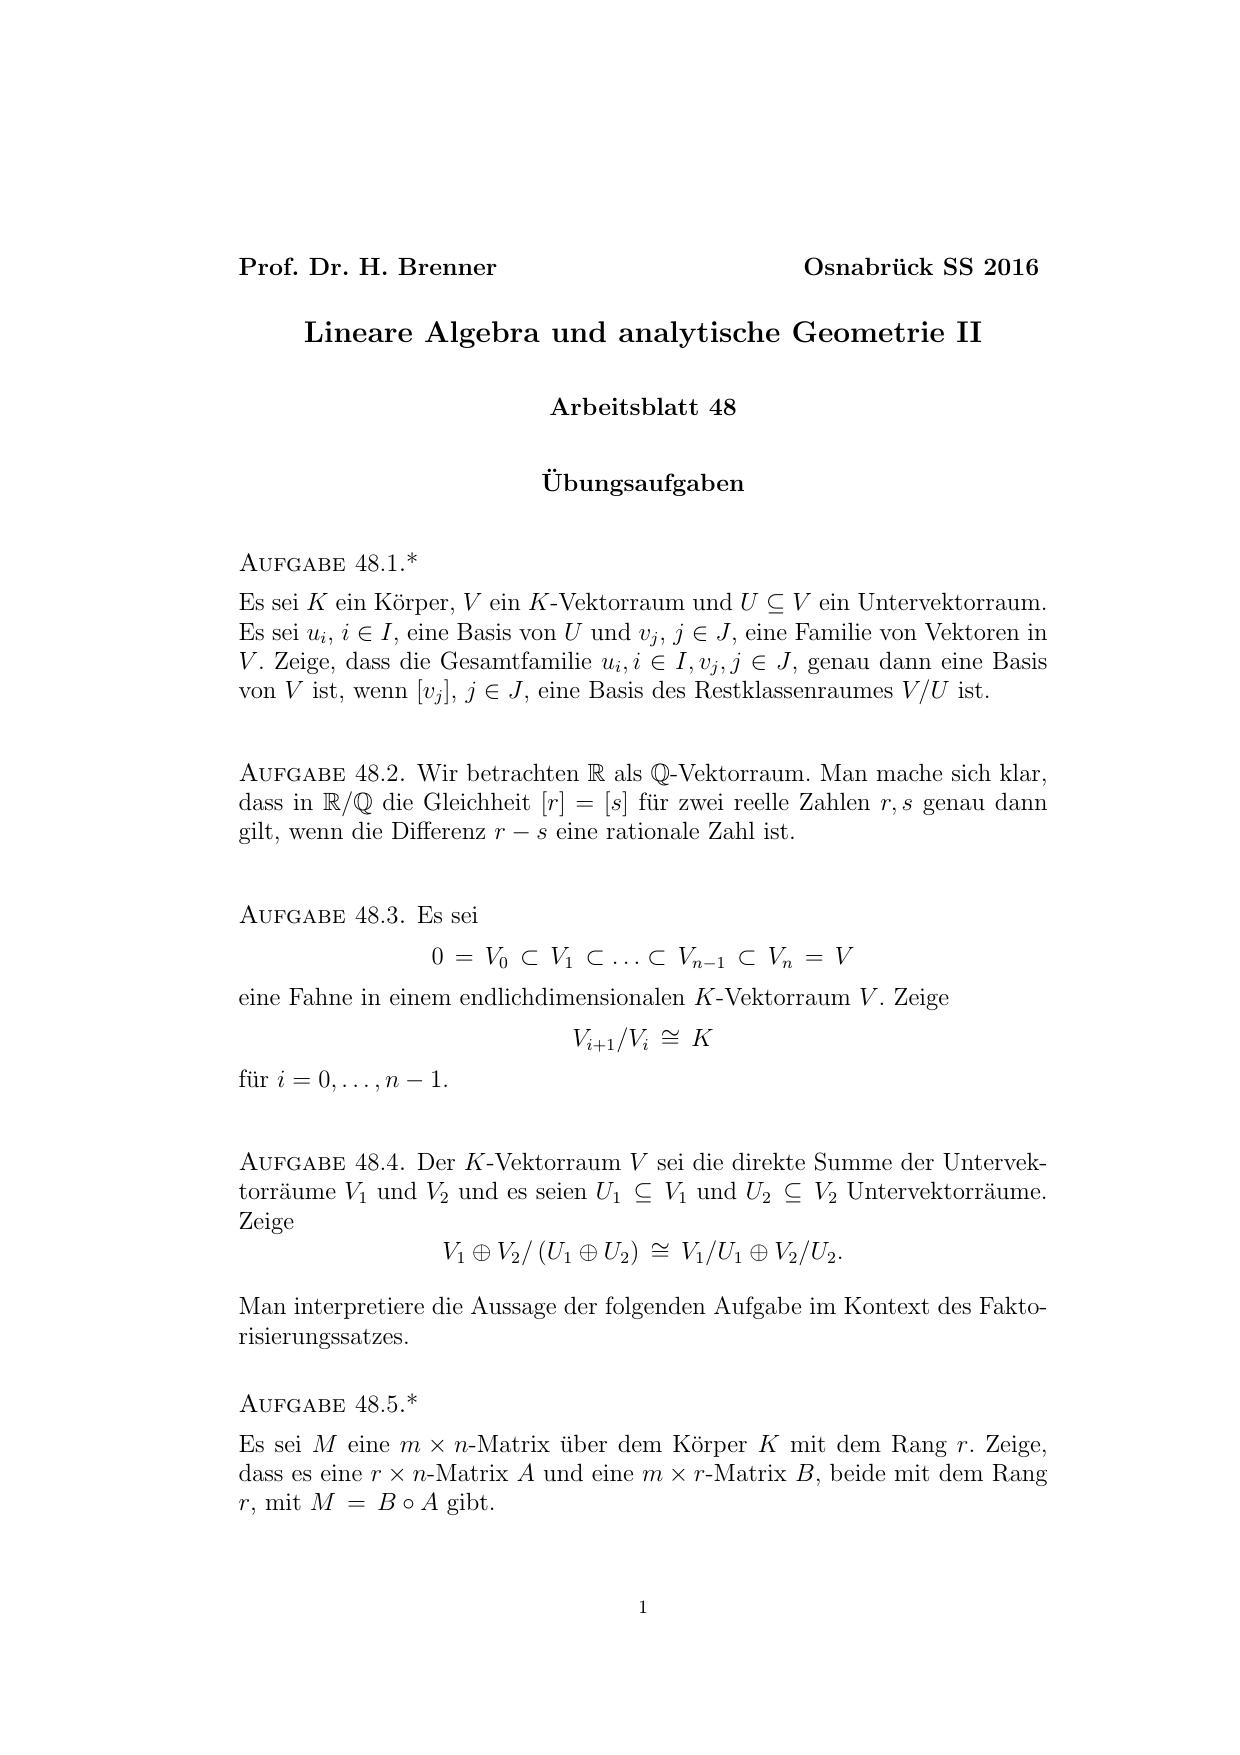 Großzügig Klassifizierung Von Rationalen Und Irrationalen Zahlen ...